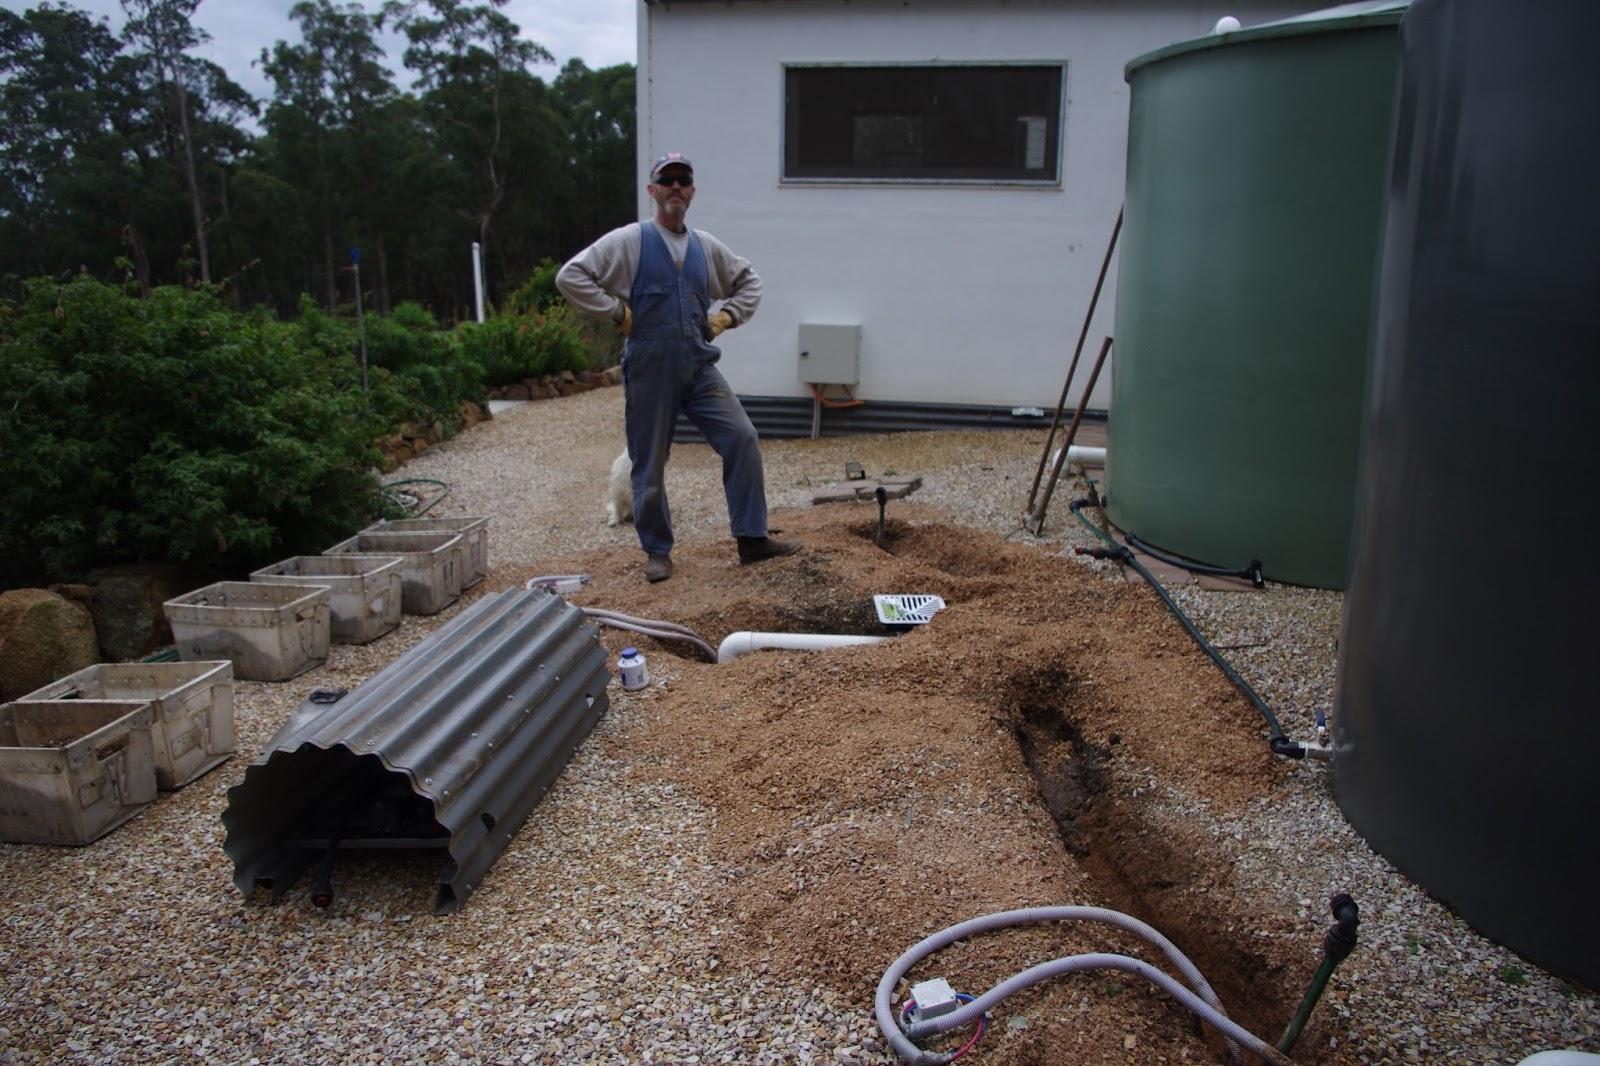 Repairing pumps and plumbing